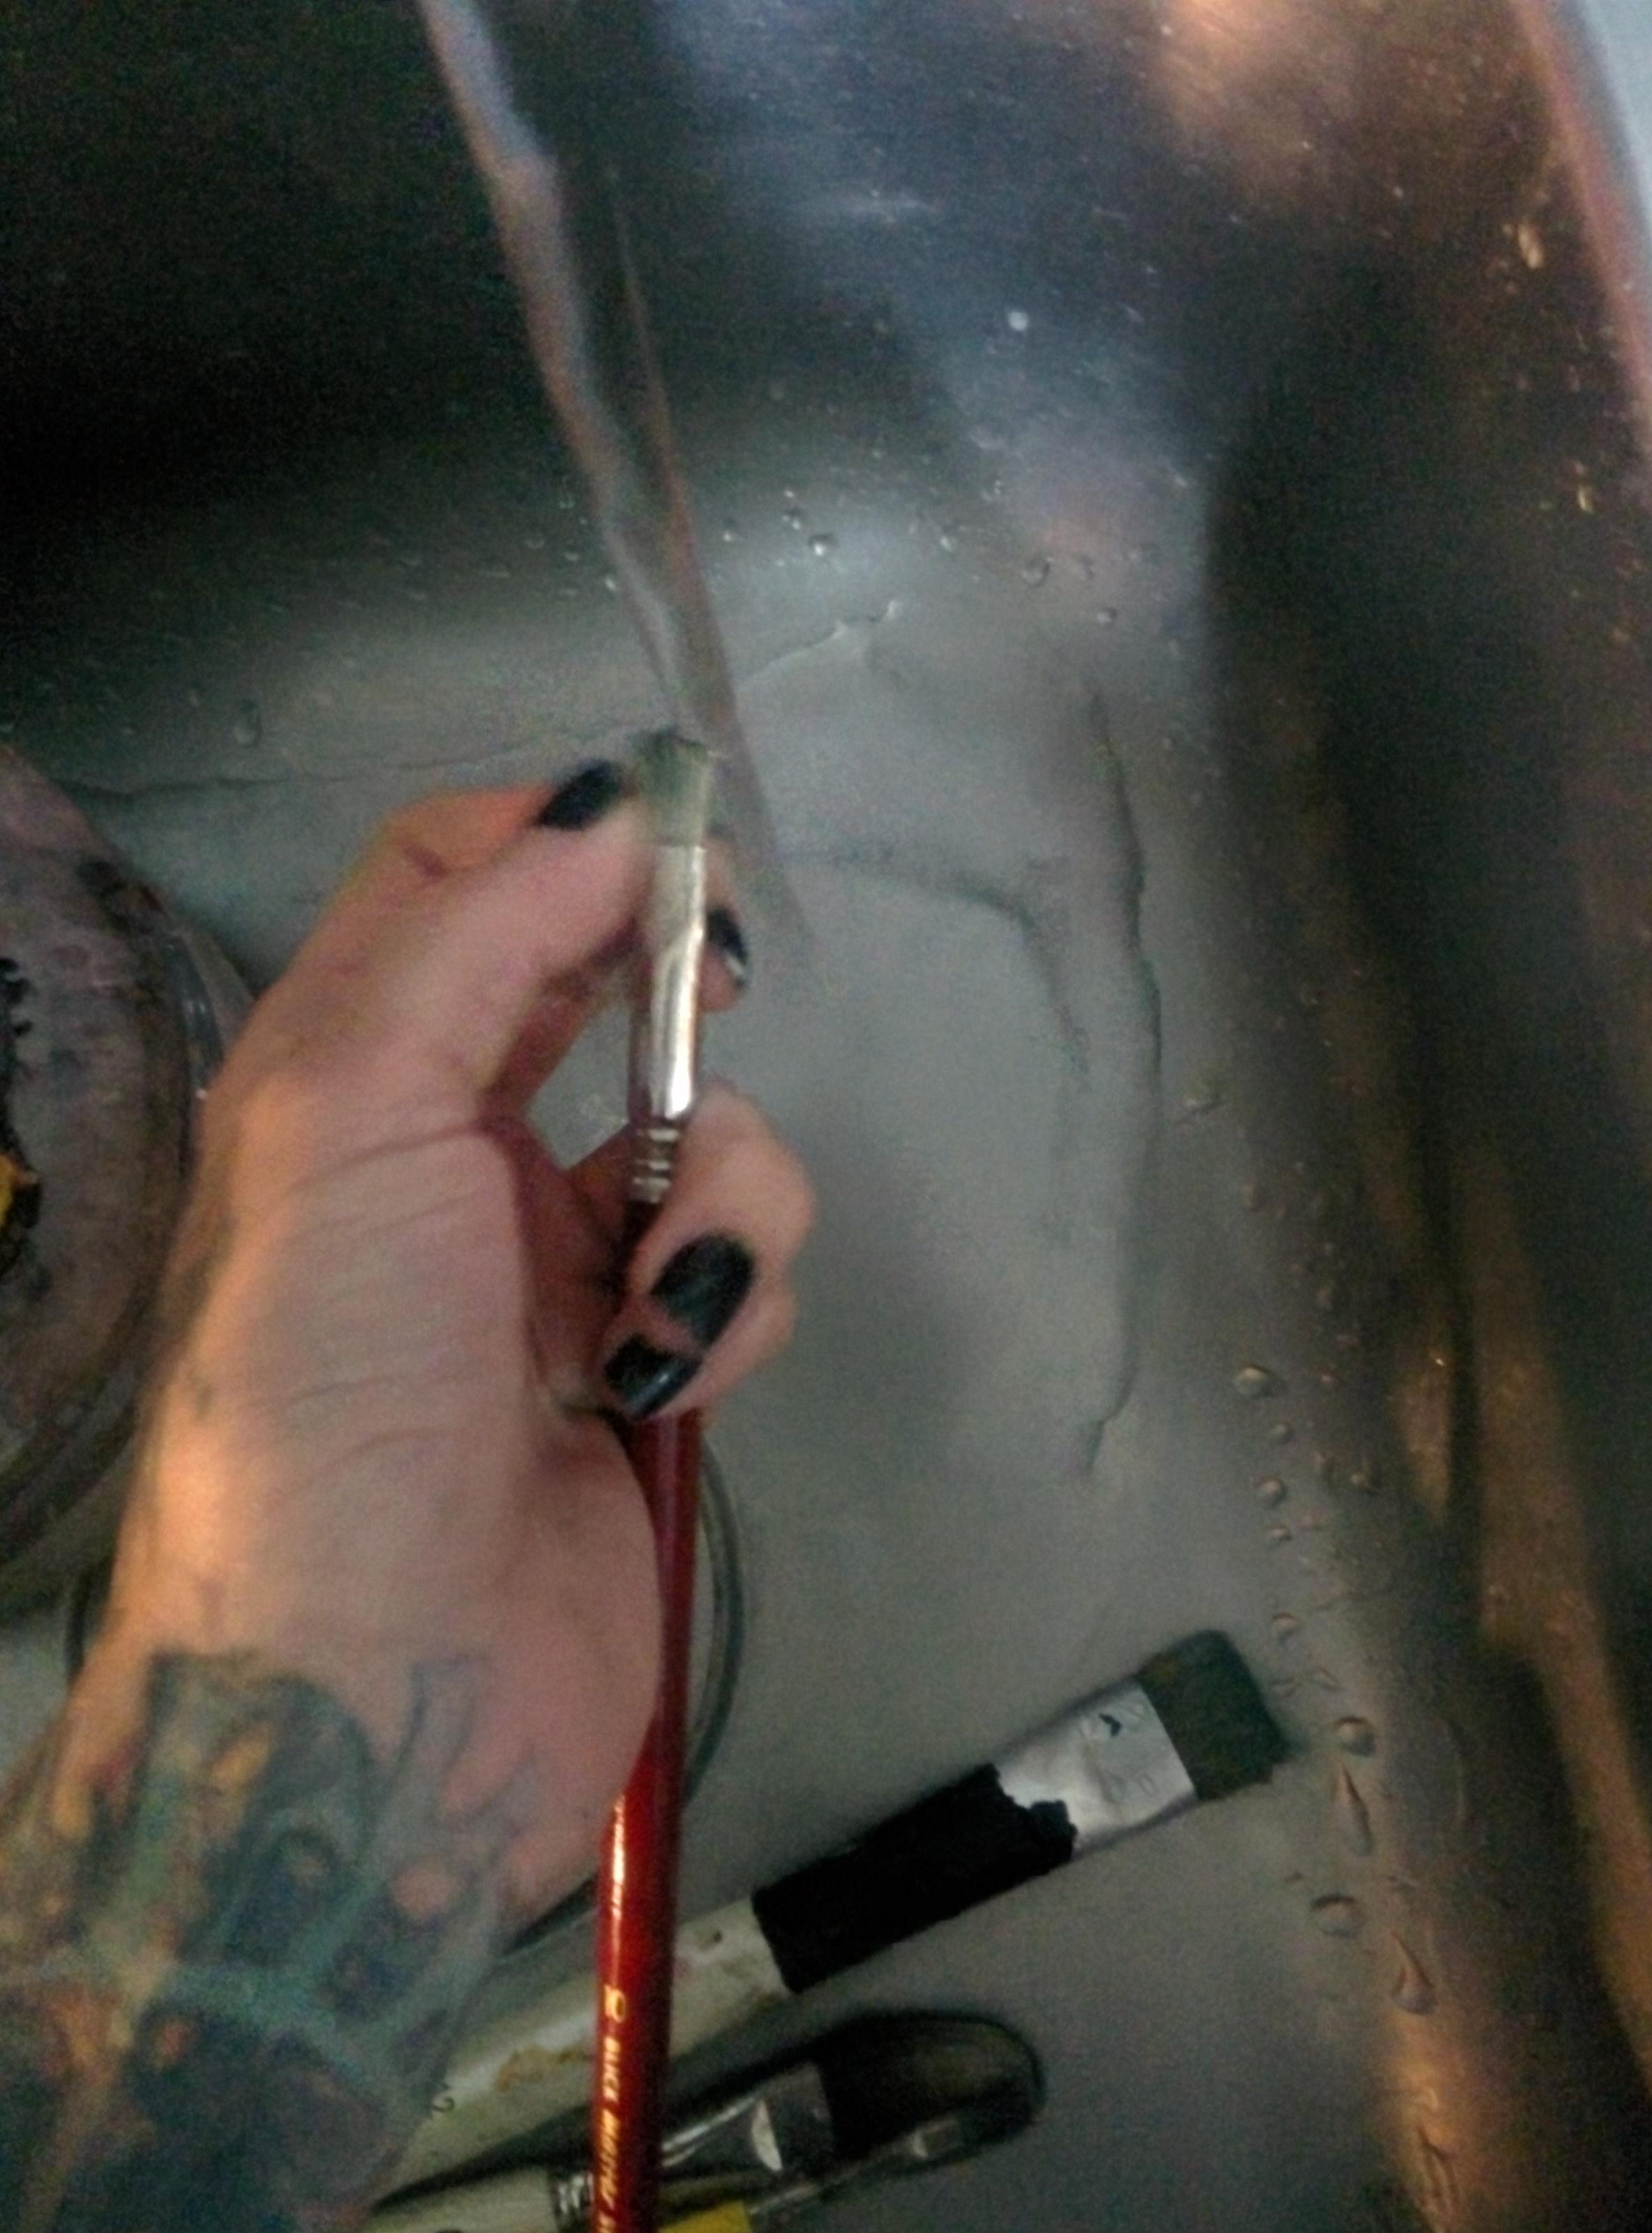 washing paintbrushes